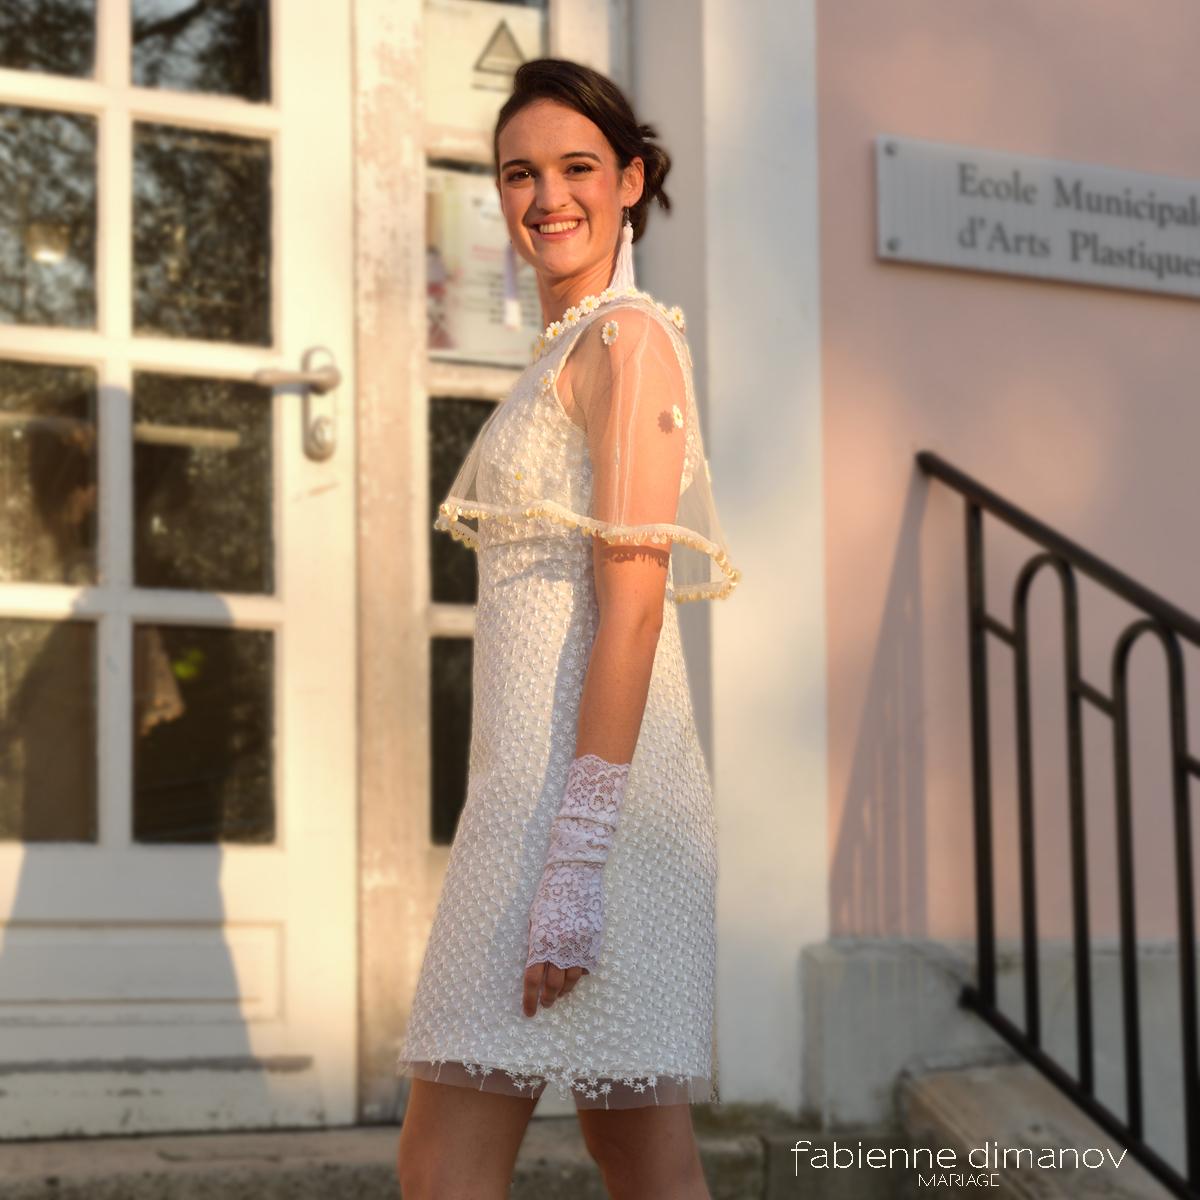 Daisy - Les petites histoires D'A - Fabienne Dimanov Mariage